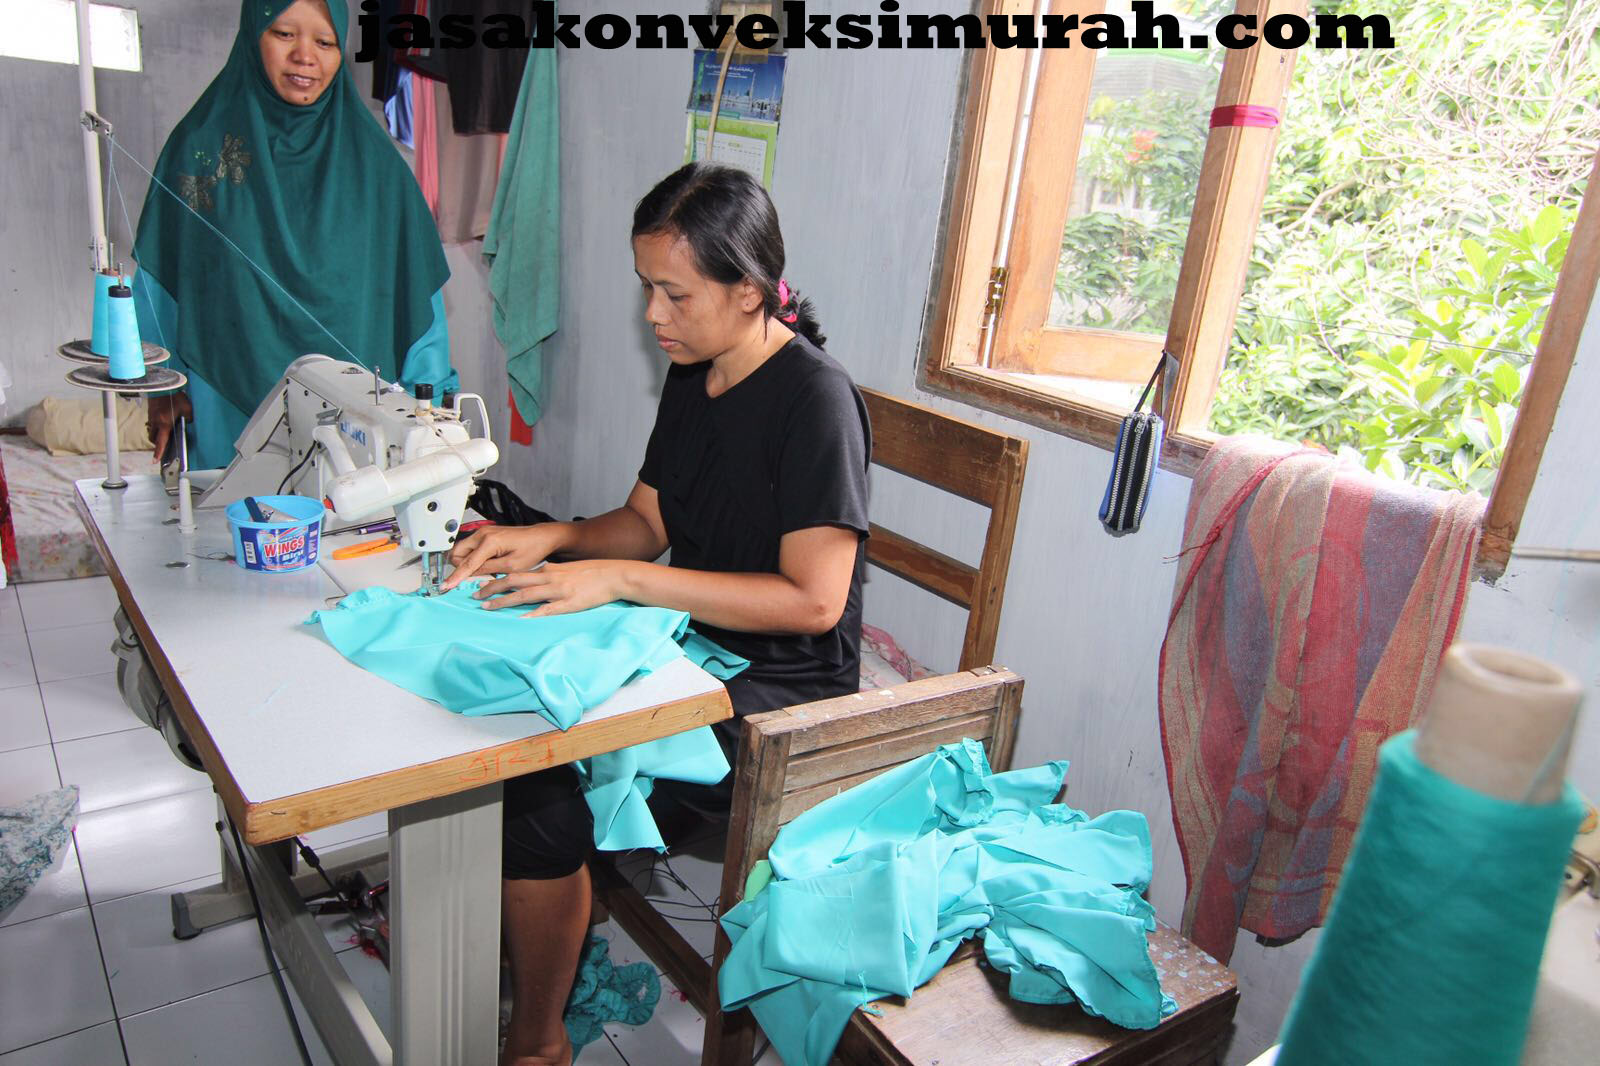 Jasa Konveksi Murah di Jalan Haji Mawi Parung Bogor